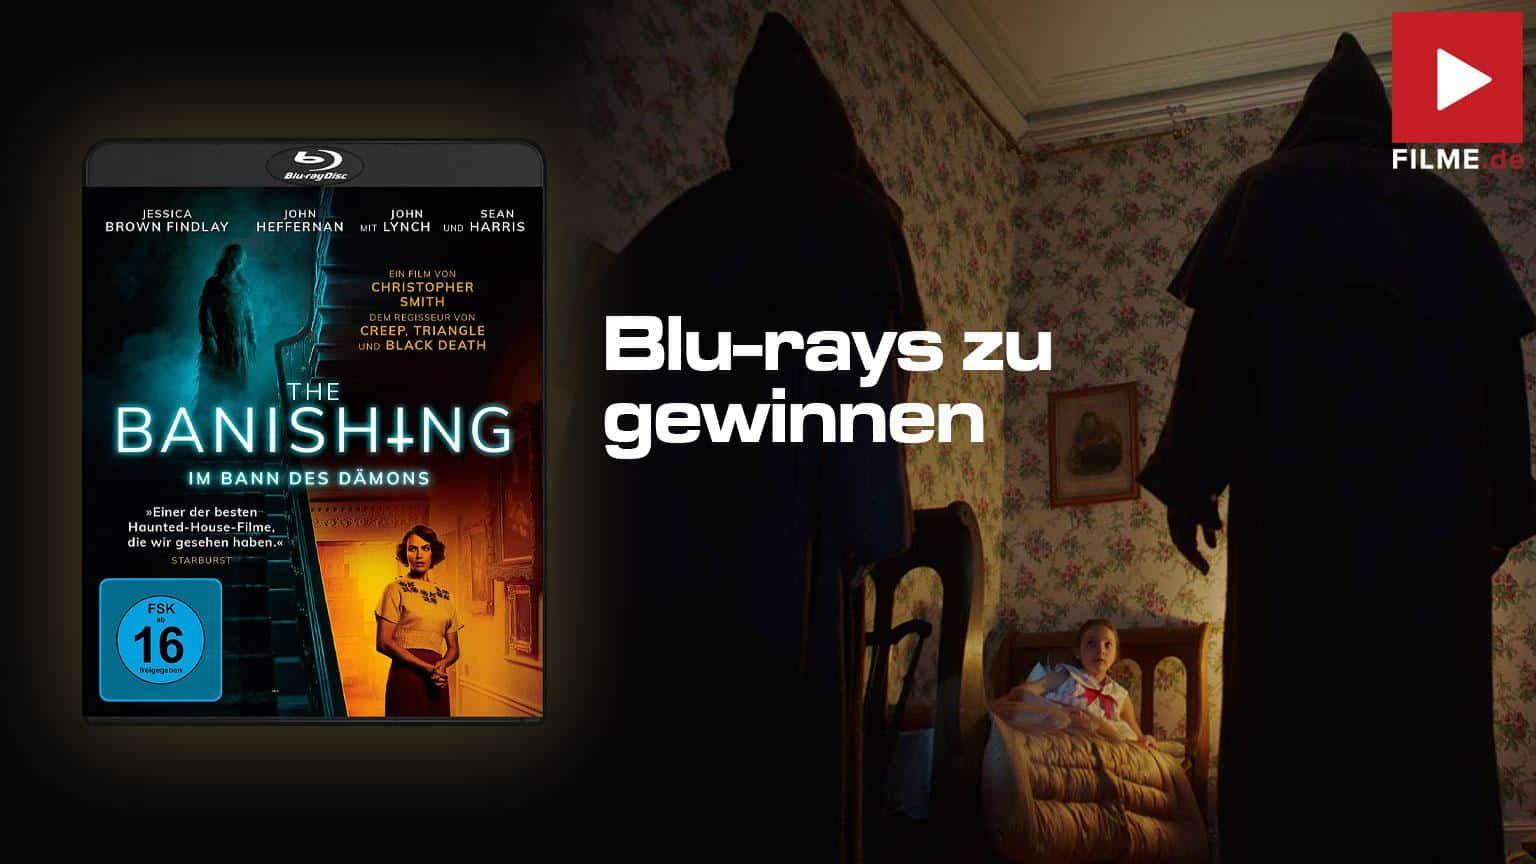 The Banishing - Im Bann des Dämons Gewinnspiel gewinnen Blu-ray Film 2021 Artikelbild